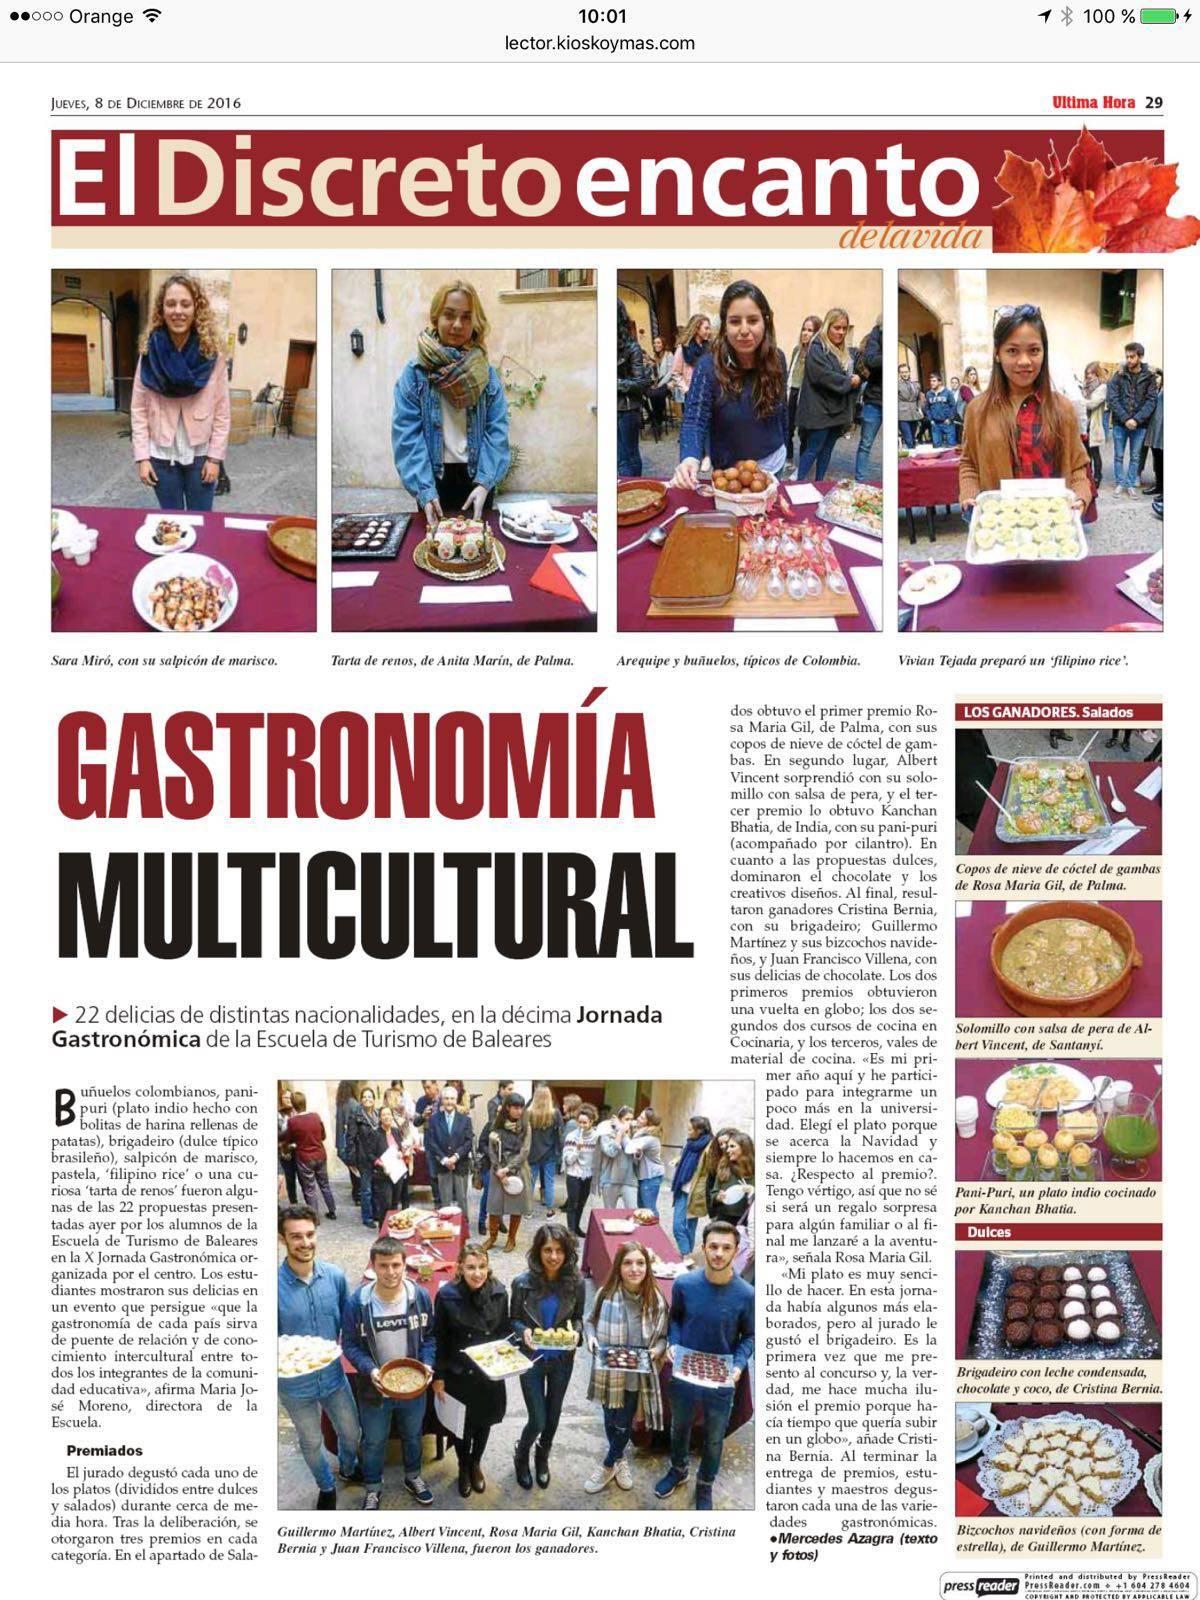 Gran cobertura mediática de la X Jornada Gastronómica